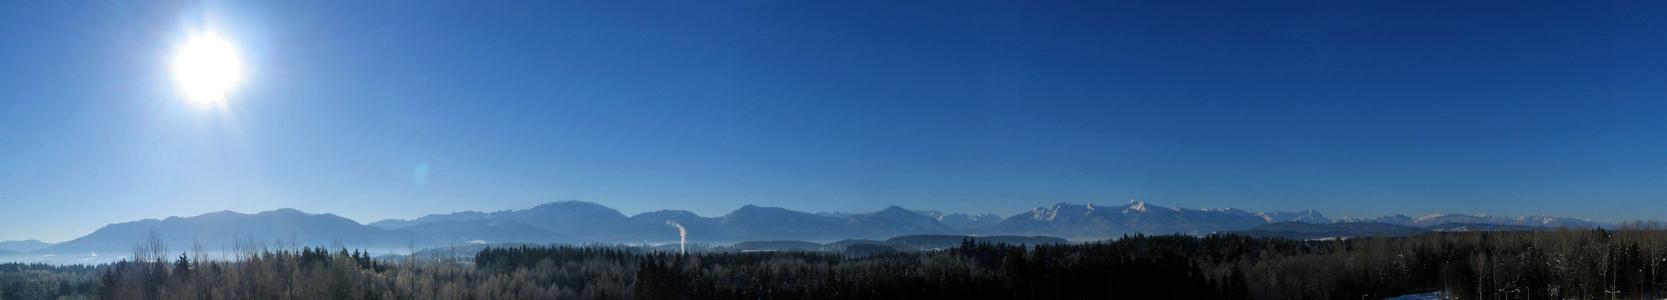 Morgenpanorama -24°C